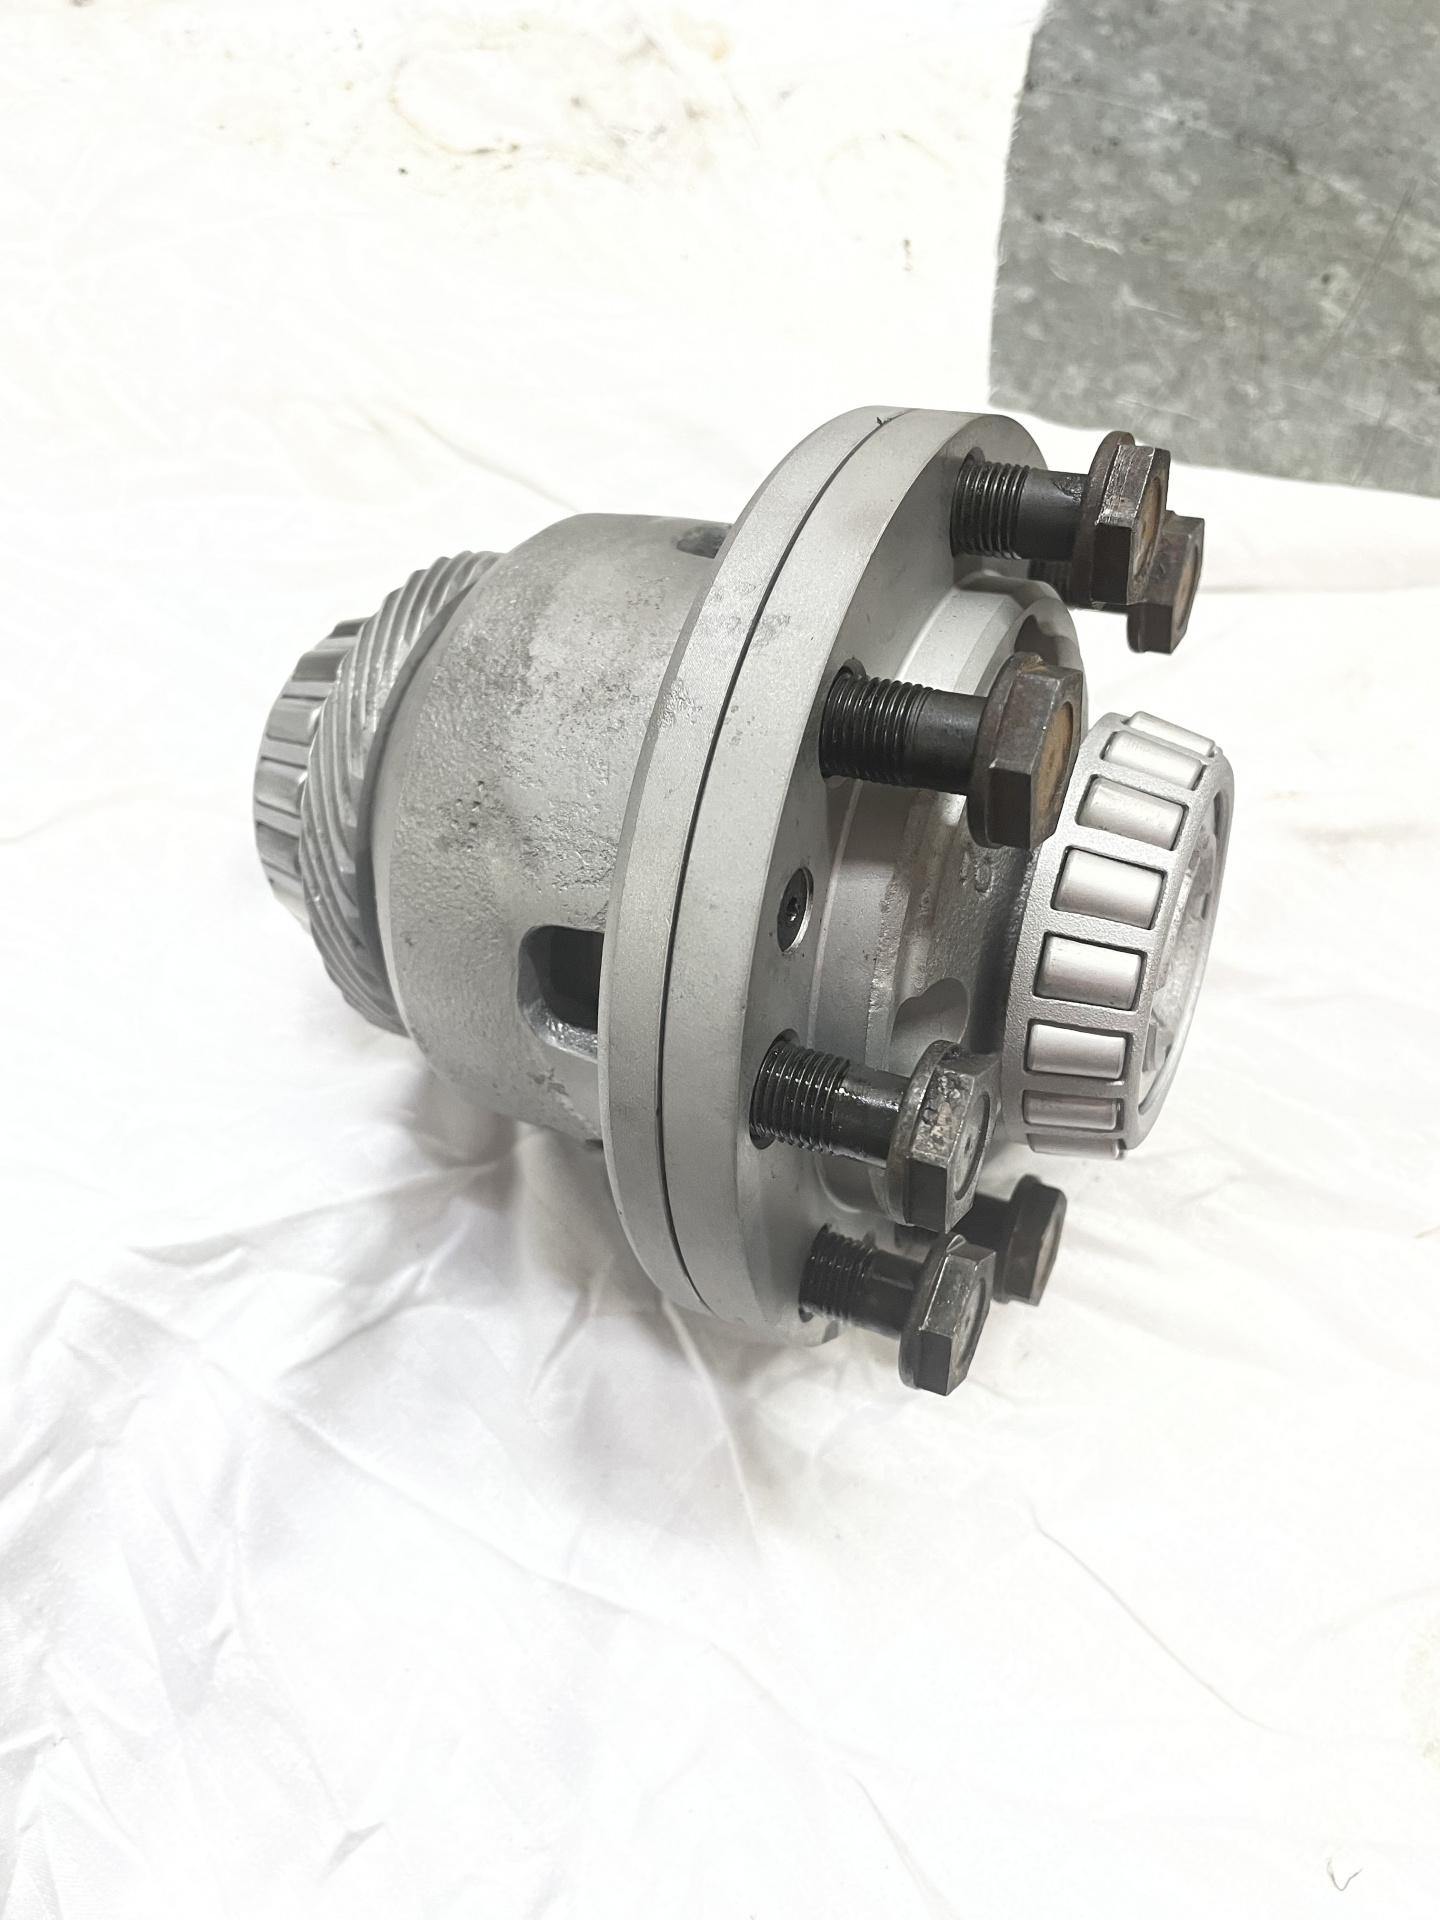 DB18CDA7-112D-45FD-B39C-92C593ACC6FA.jpeg